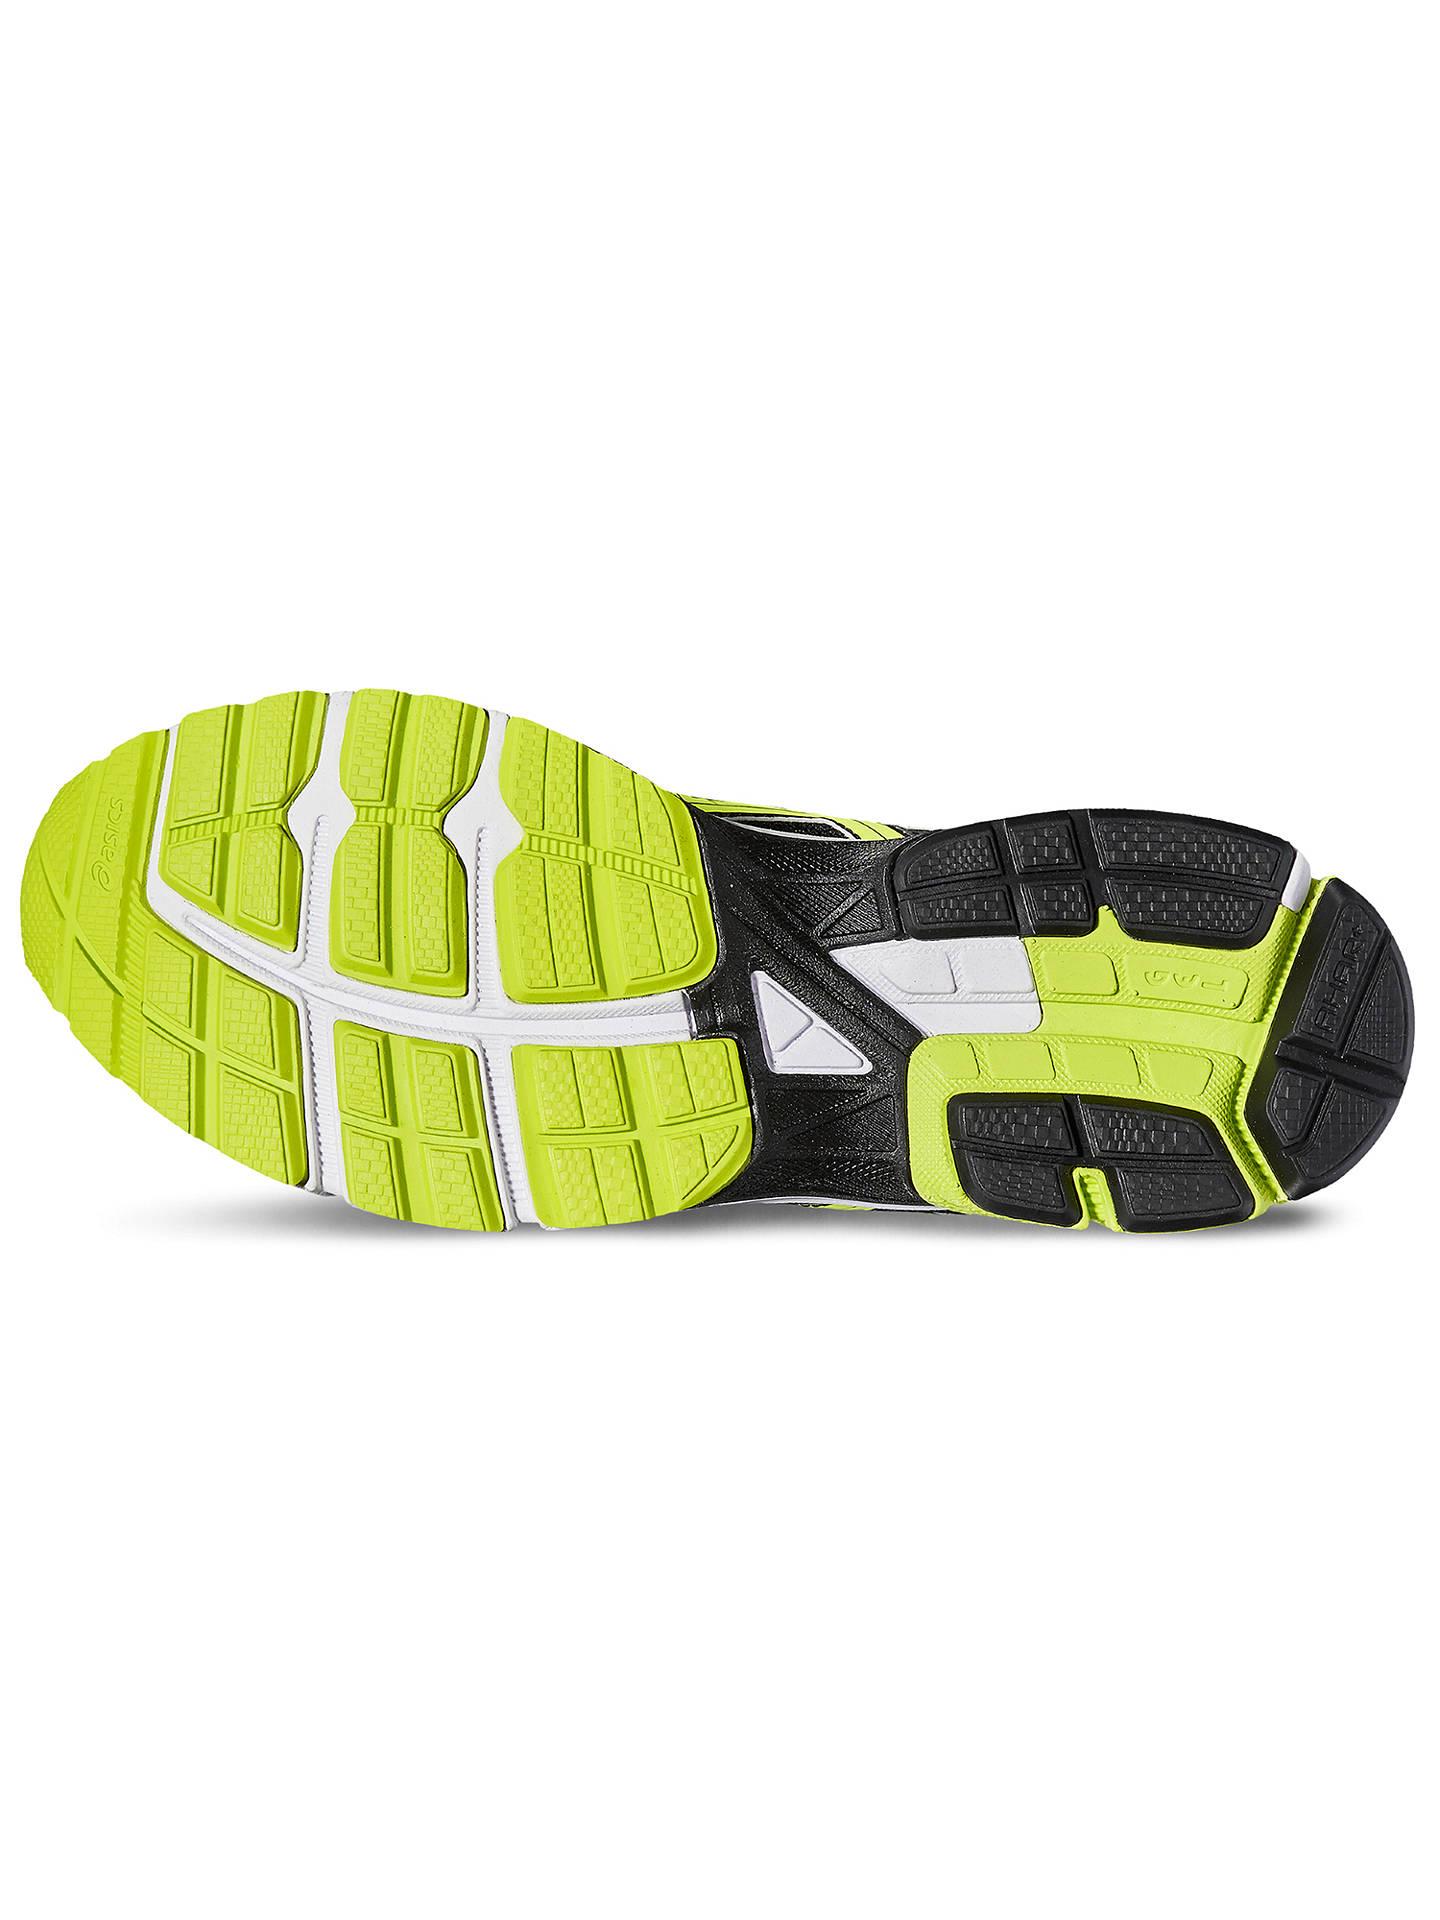 e989979e02ea75 ... Buy Asics GEL-INNOVATE 7 Men's Running Shoes, Black/Yellow, 7 Online ...